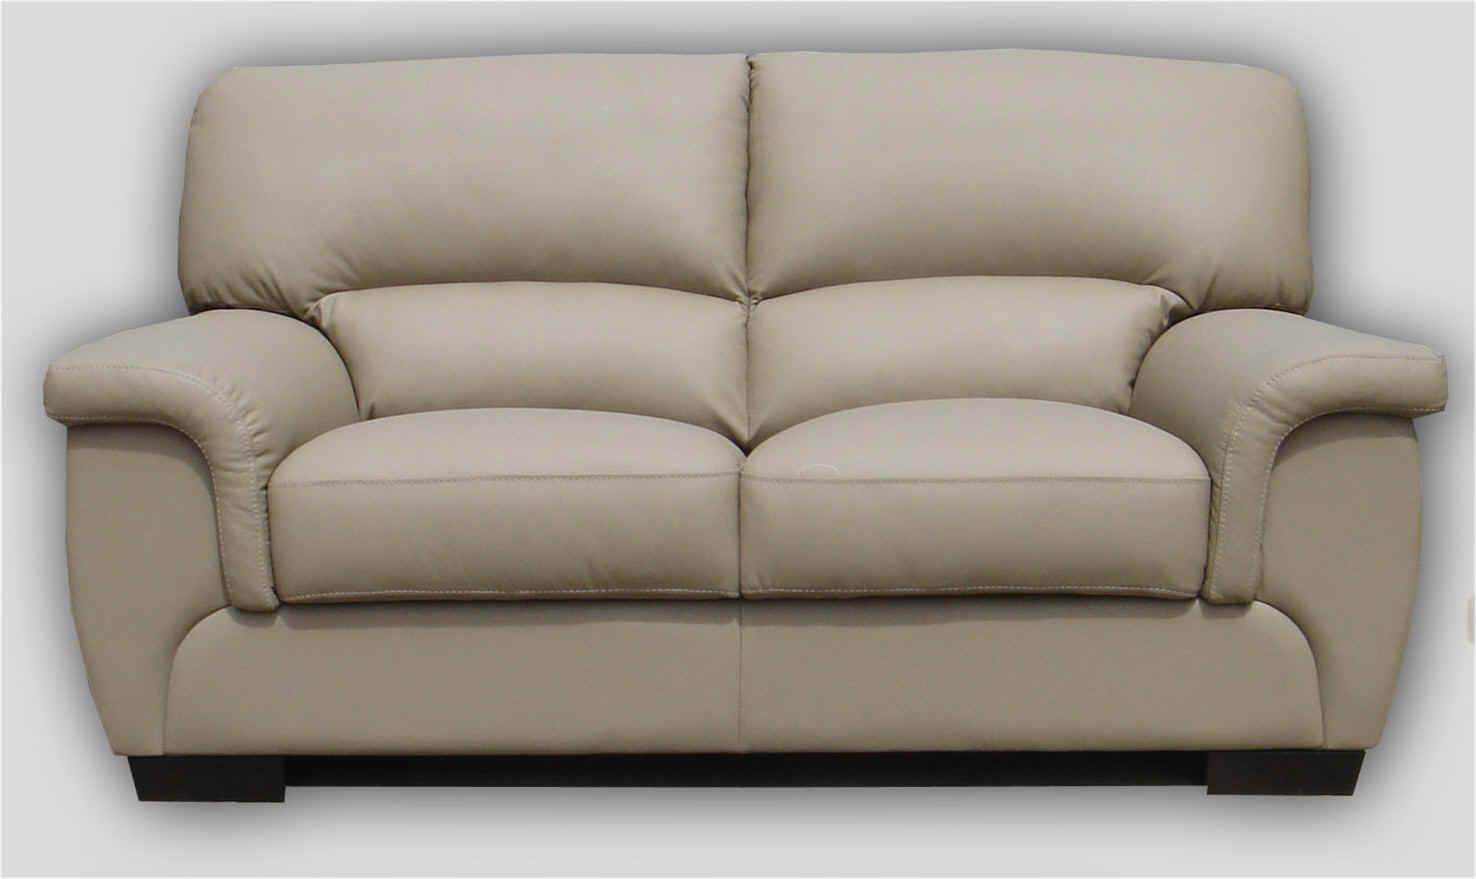 quality sofas quality sofa UCRSLSR